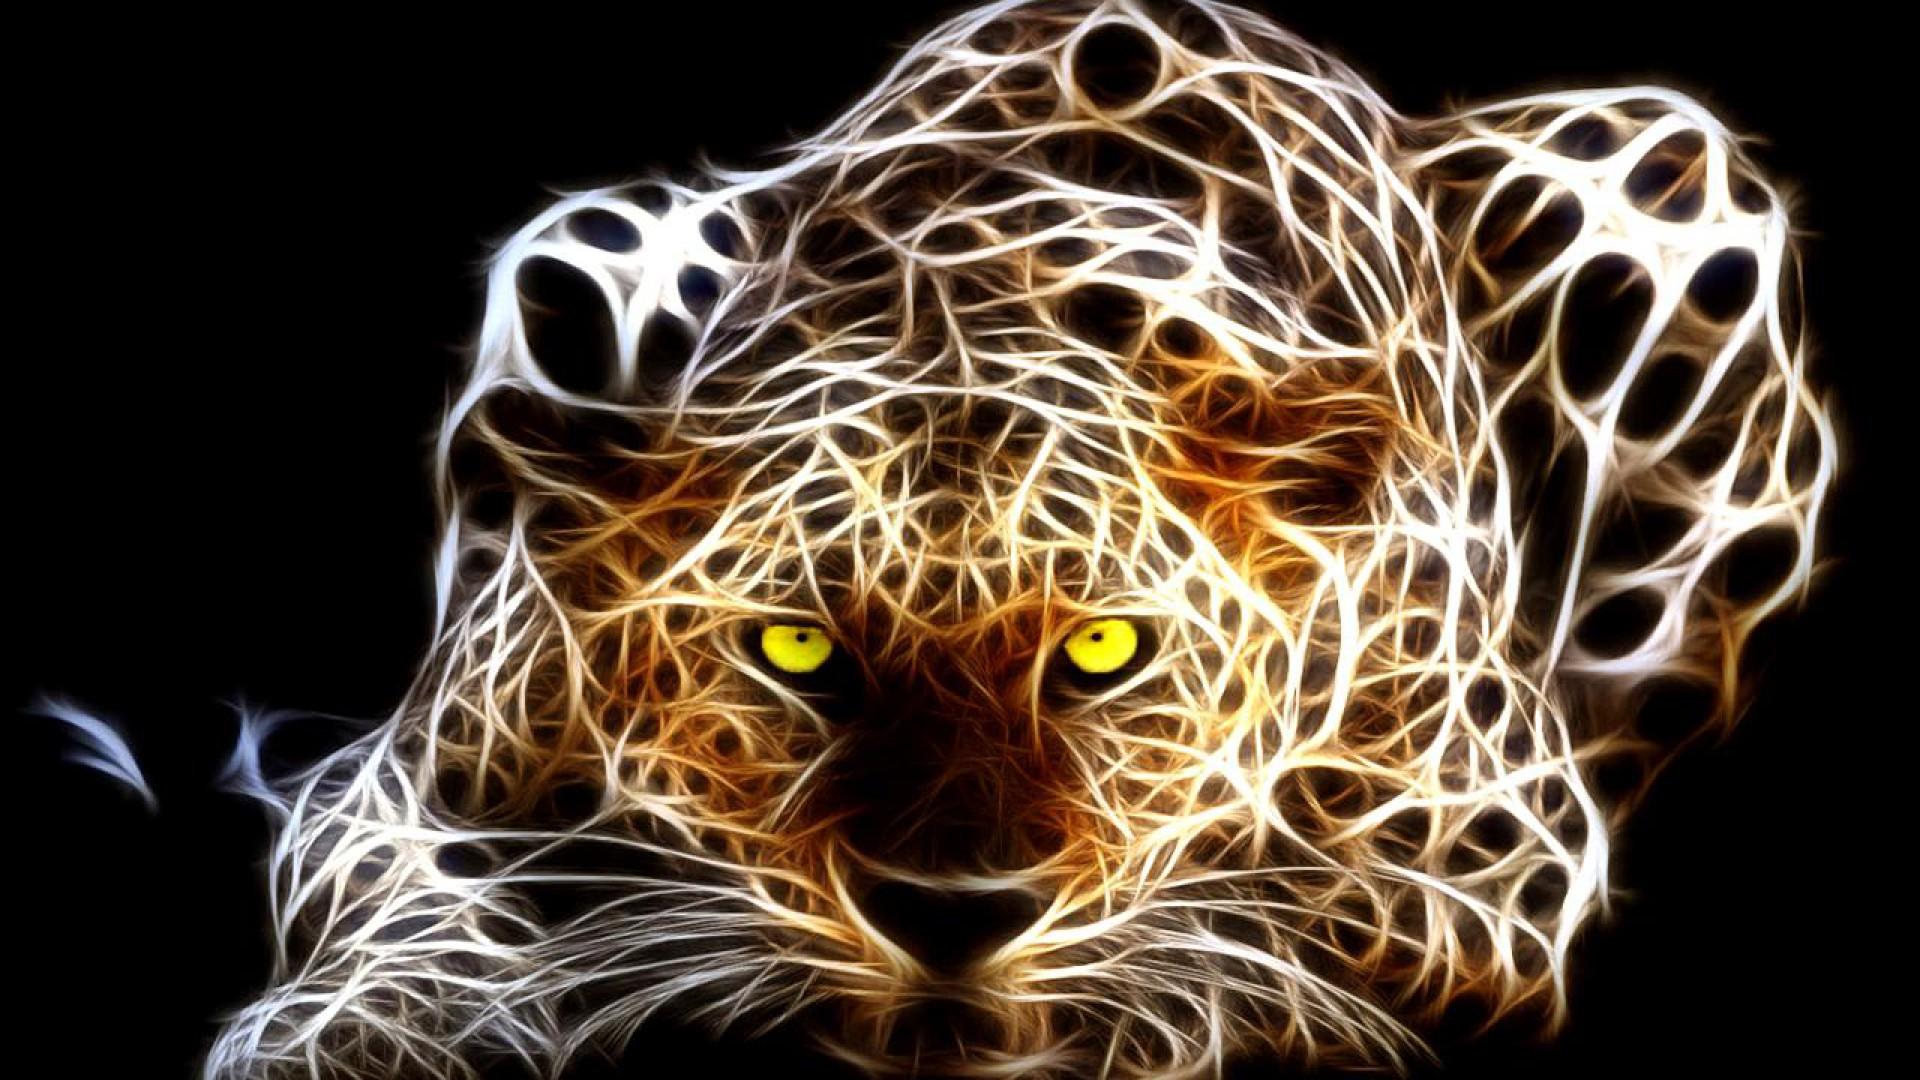 Neon Tiger Art Hd Wallpaper 1920x1080 Gludy